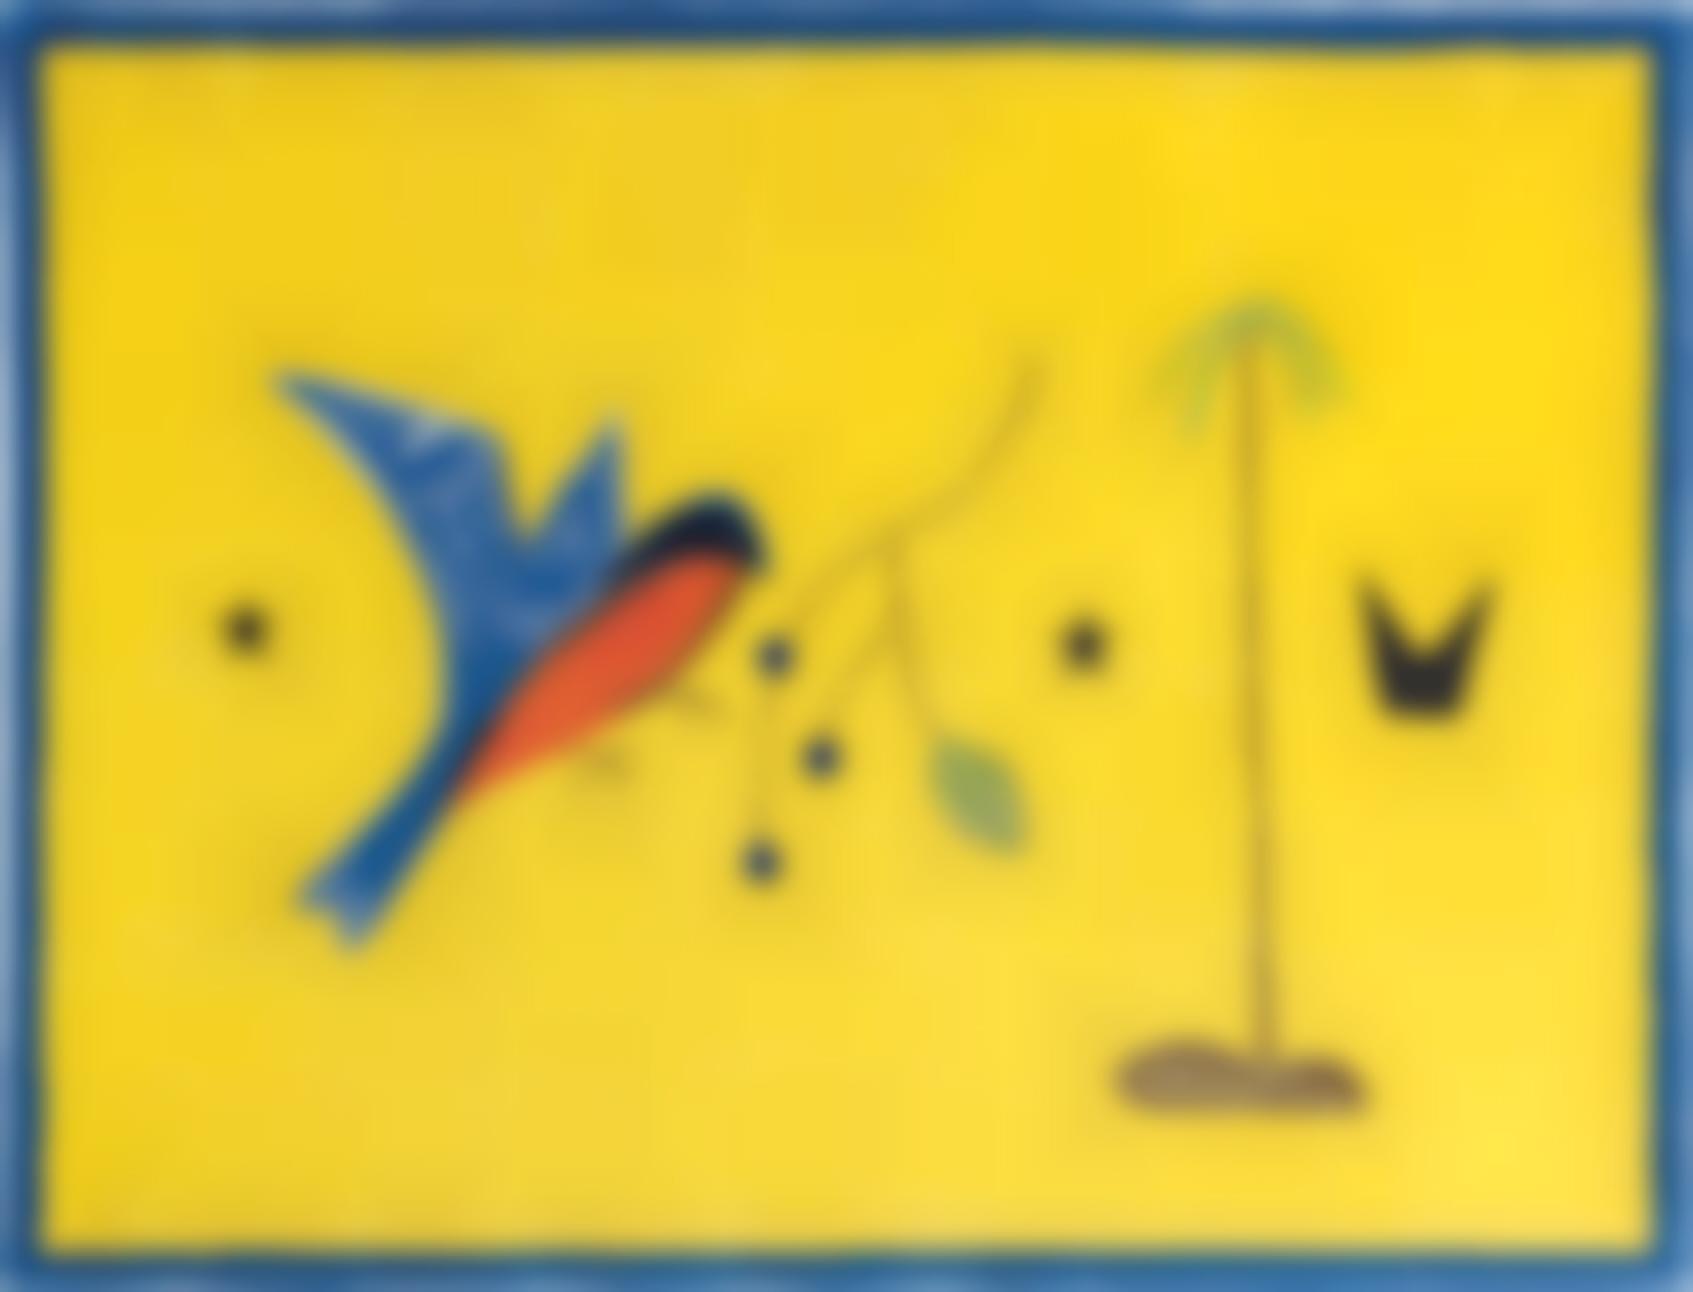 Craigie Aitchison-Blue Bird Yellow Landscape-2009